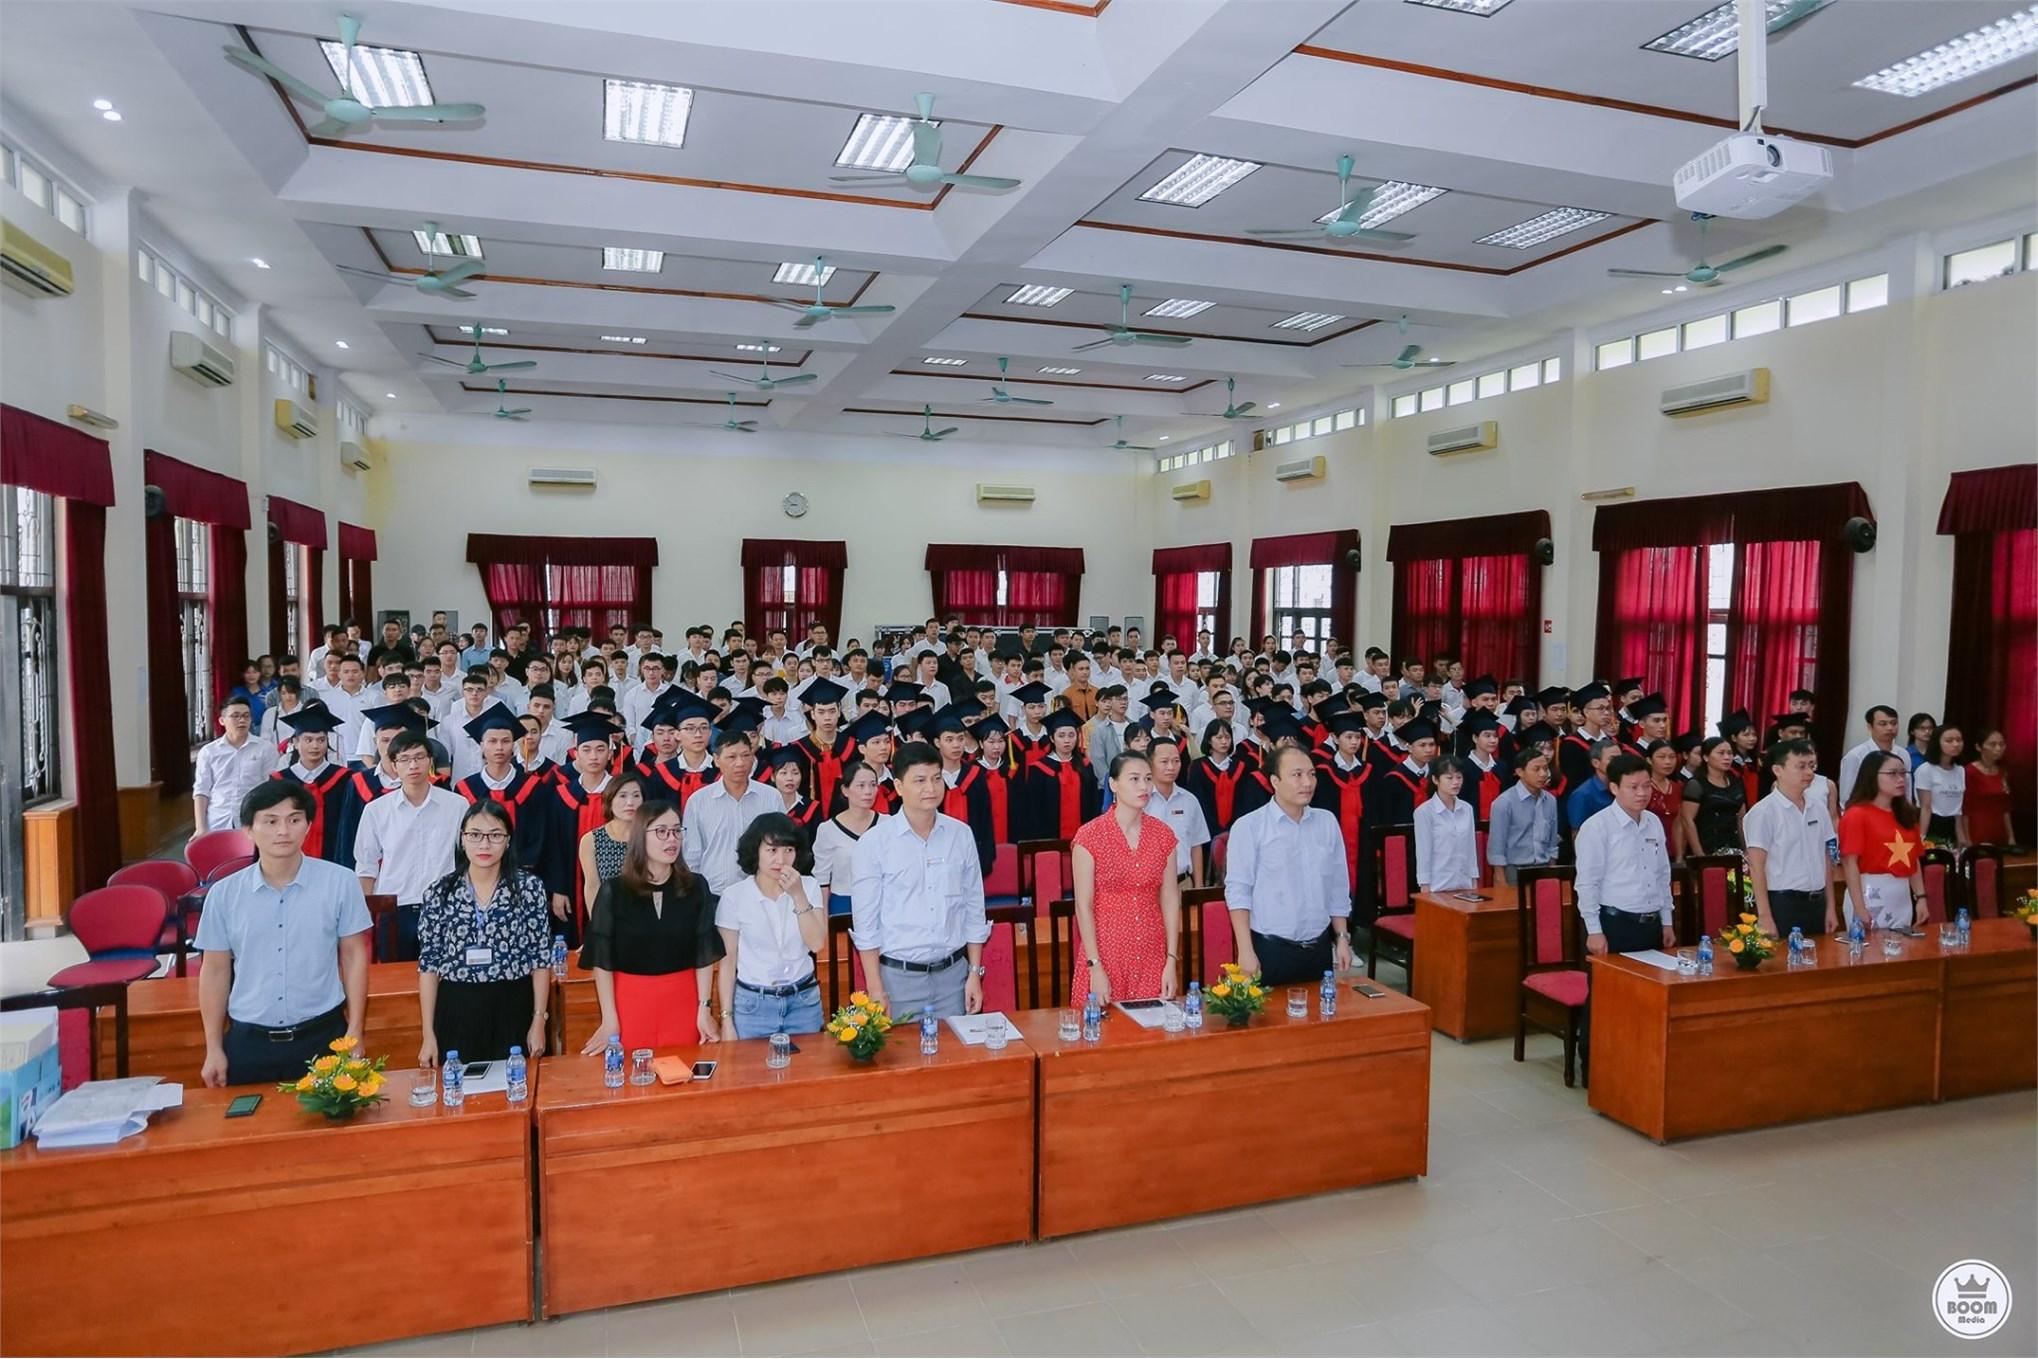 Lễ bế giảng và trao bằng tốt nghiệp hệ Đại học khóa 10